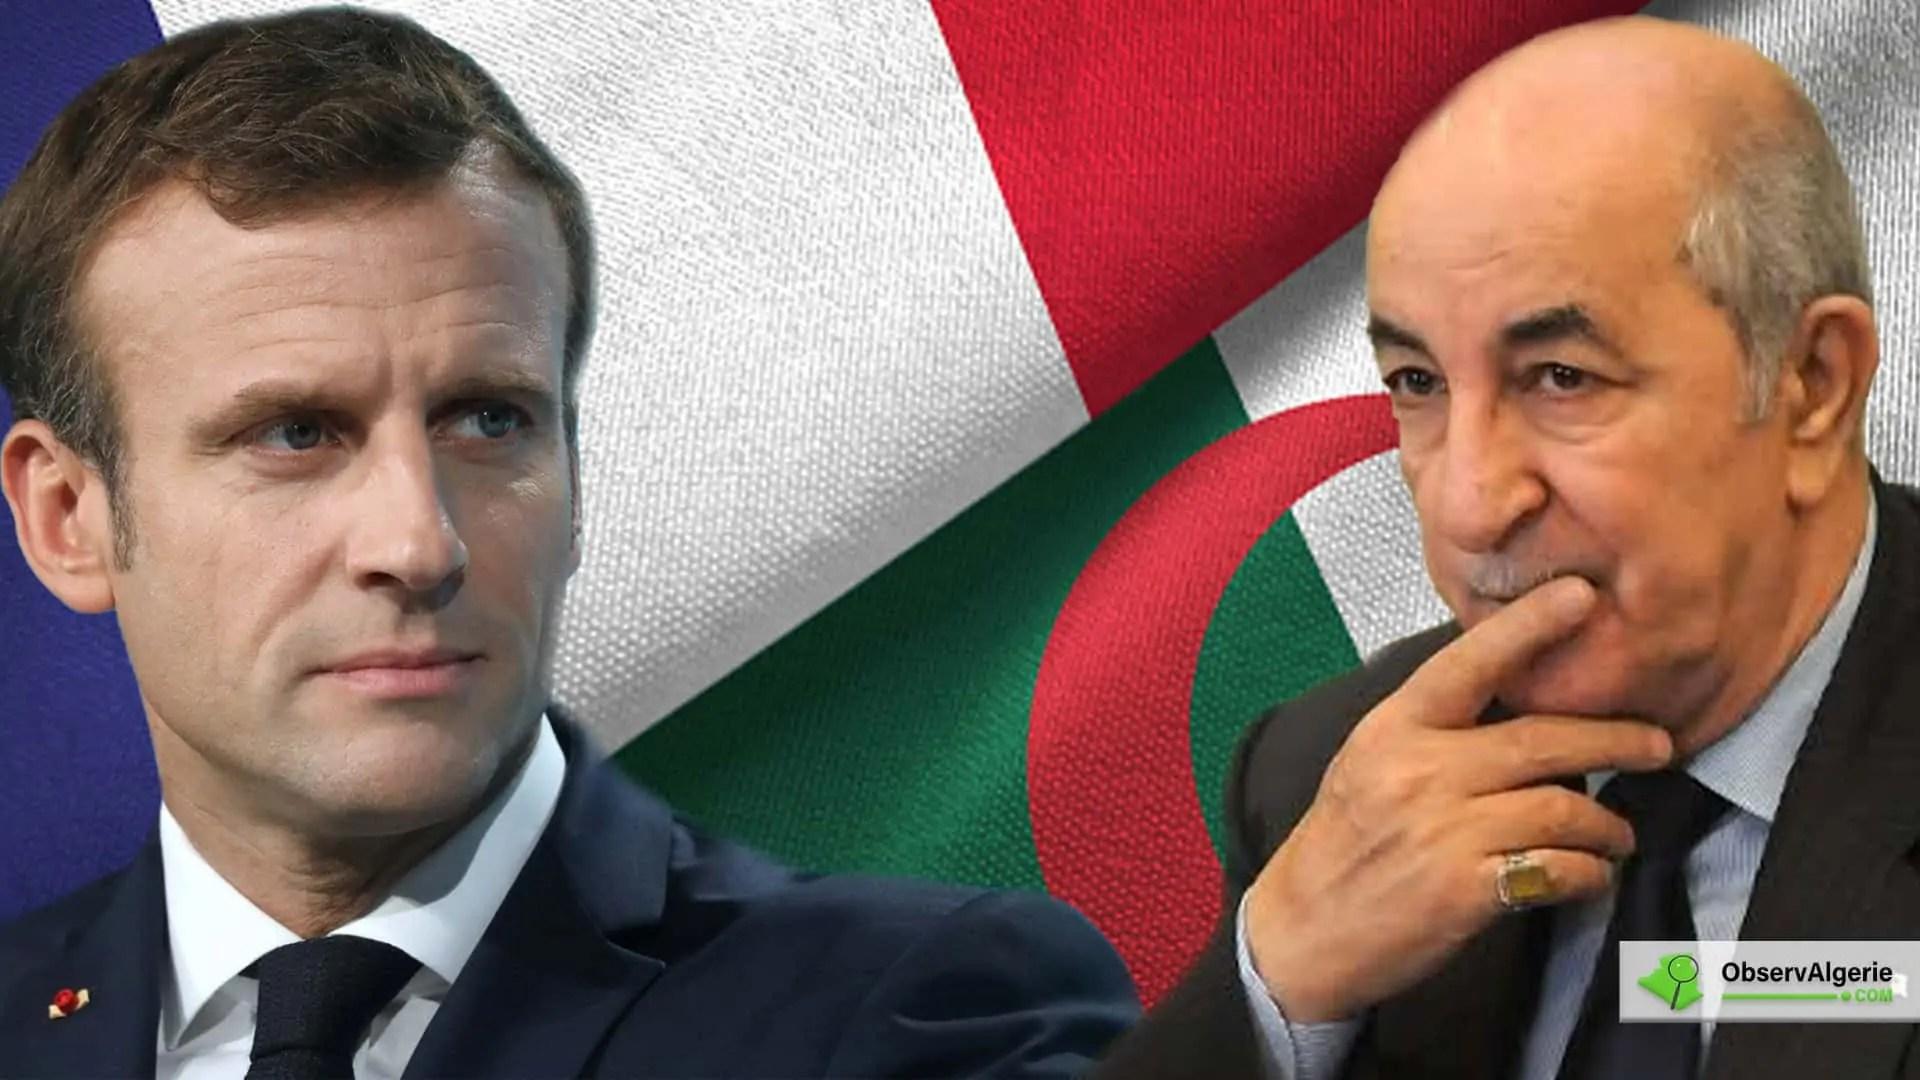 L'Algérie exige justice et réparation à la France